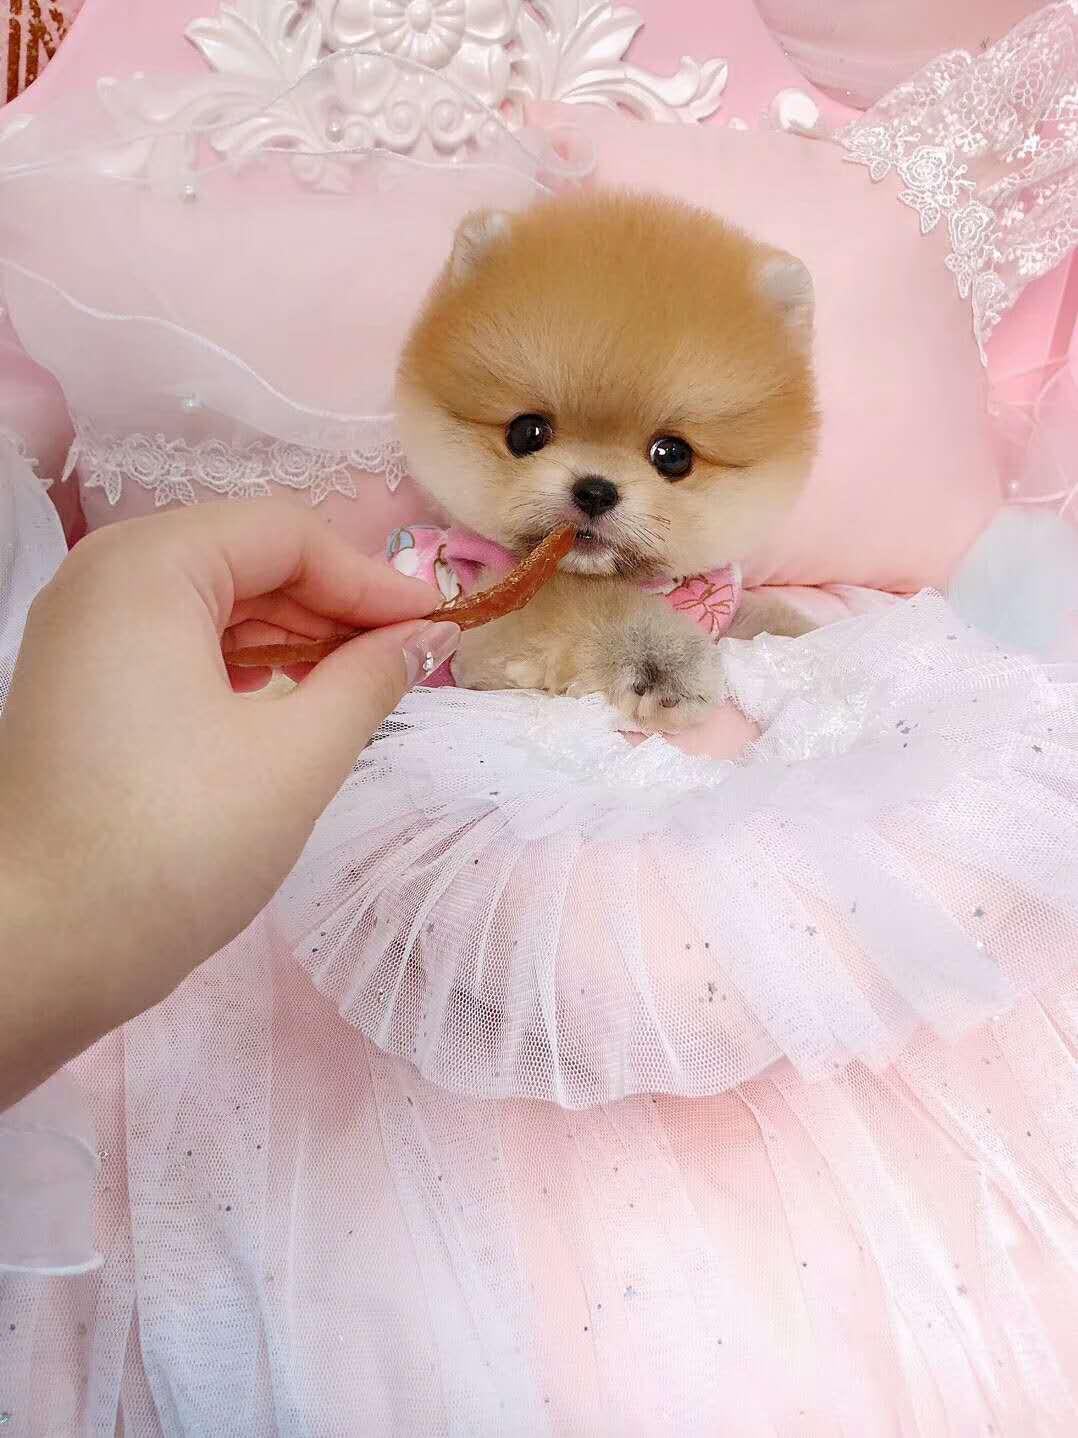 女神最受喜欢的 网红犬俊介宝宝出售